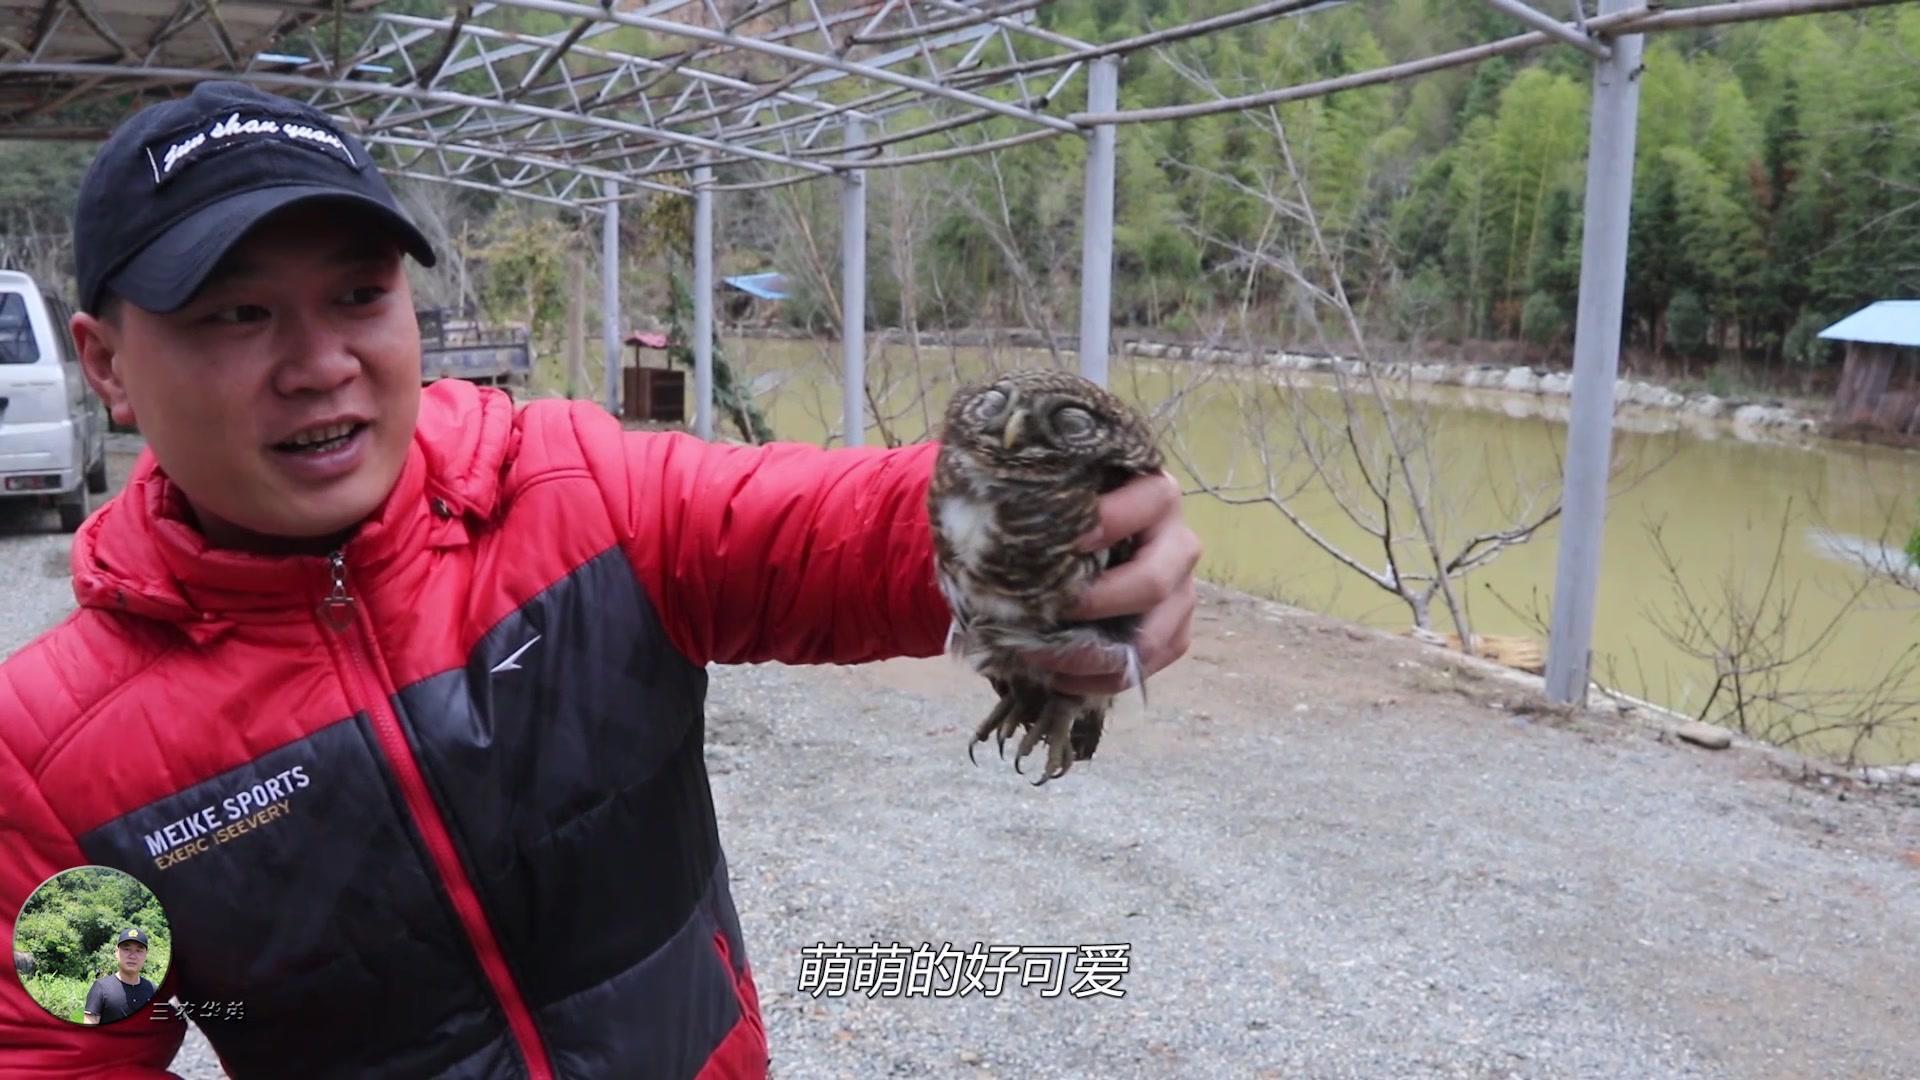 华弟朋友到来迎接后,在农场发现二级保护动物,华弟看后将其放生